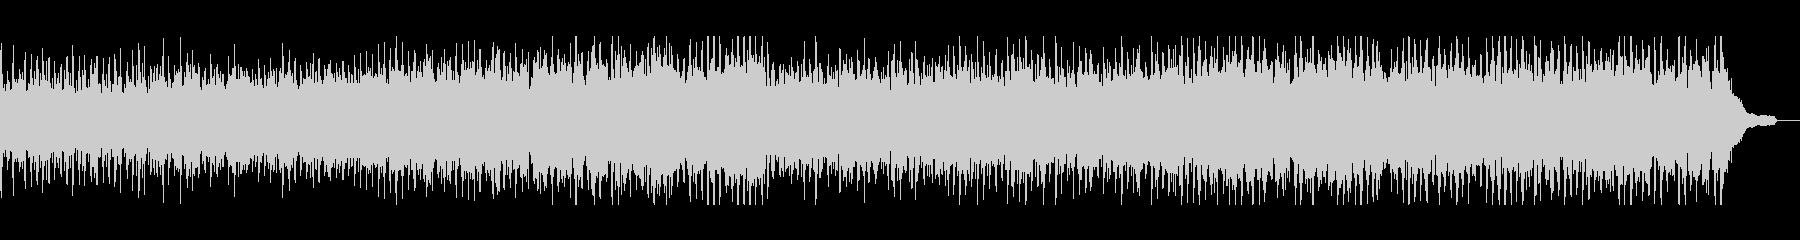 伝統的な軽快なフォークミュージックの未再生の波形